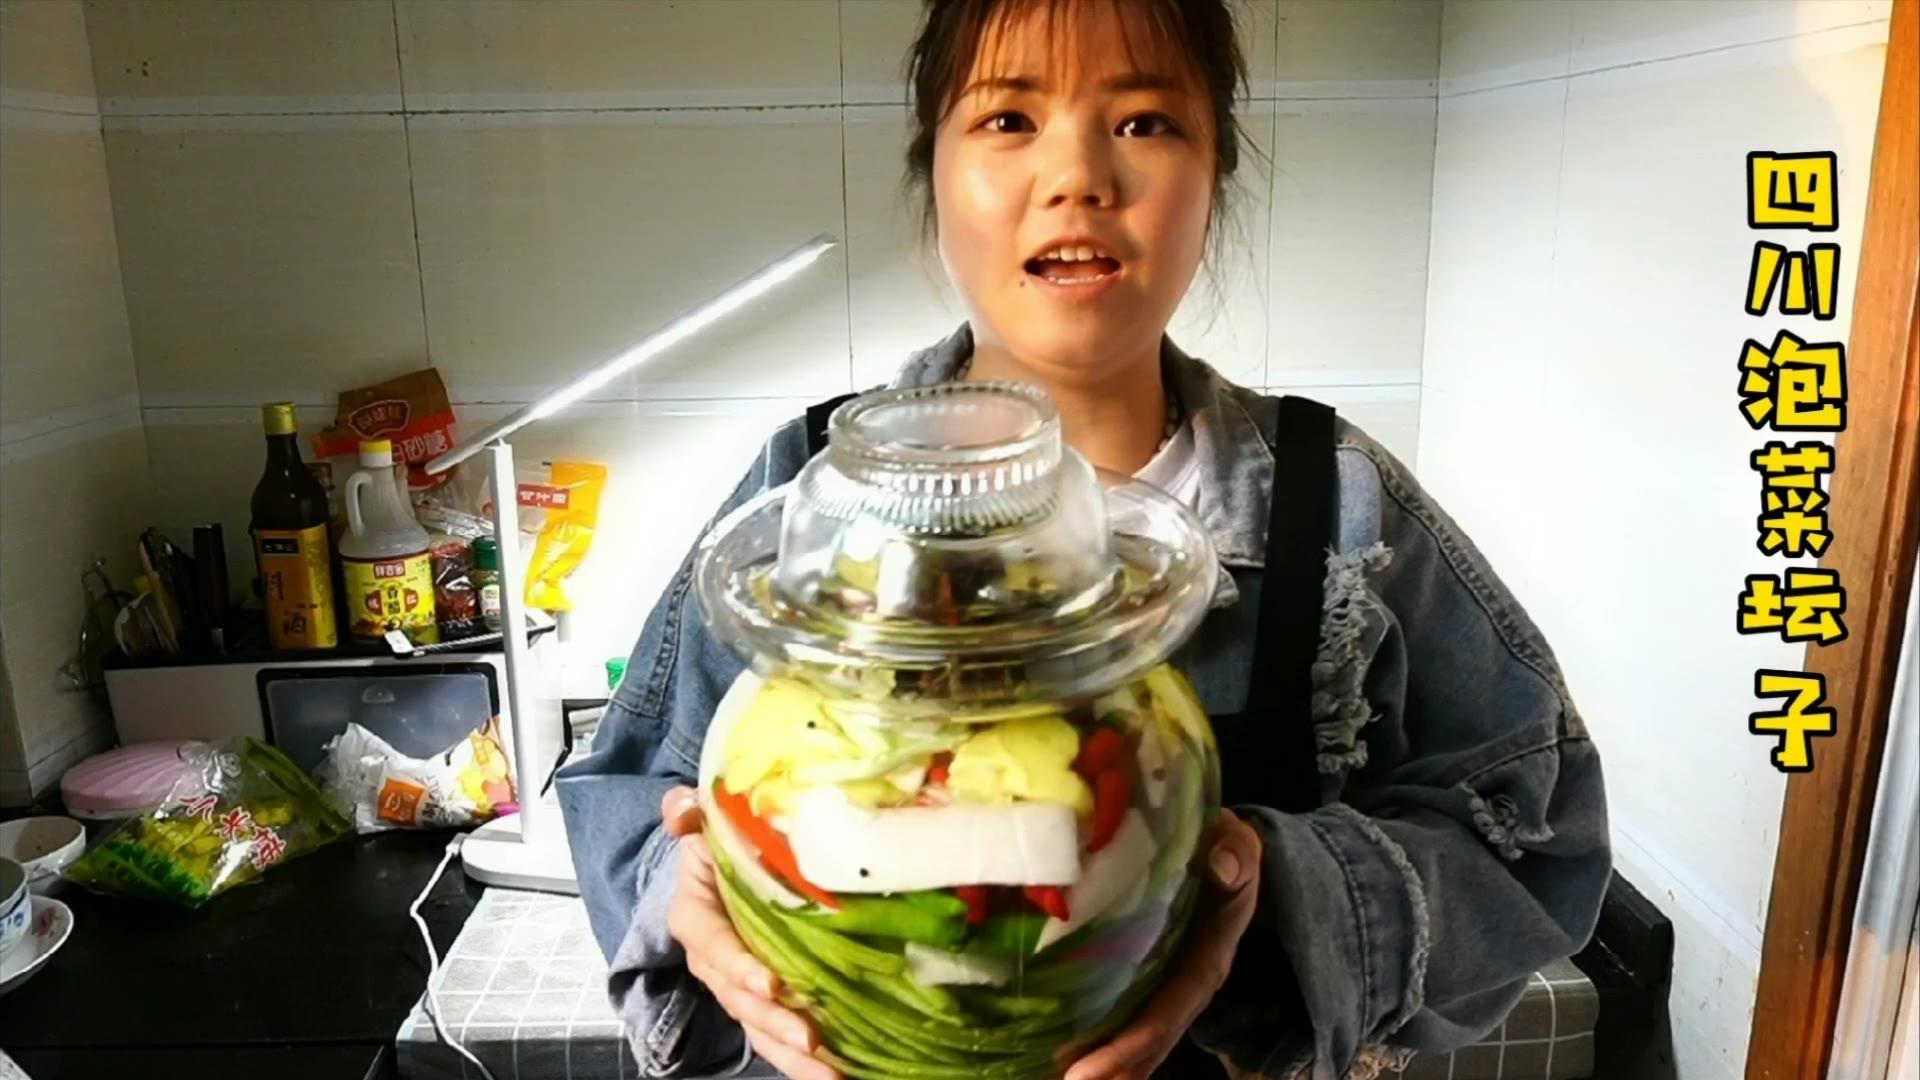 四川泡菜做法简单、酸爽脆嫩、超级下饭、你也来试试吧!